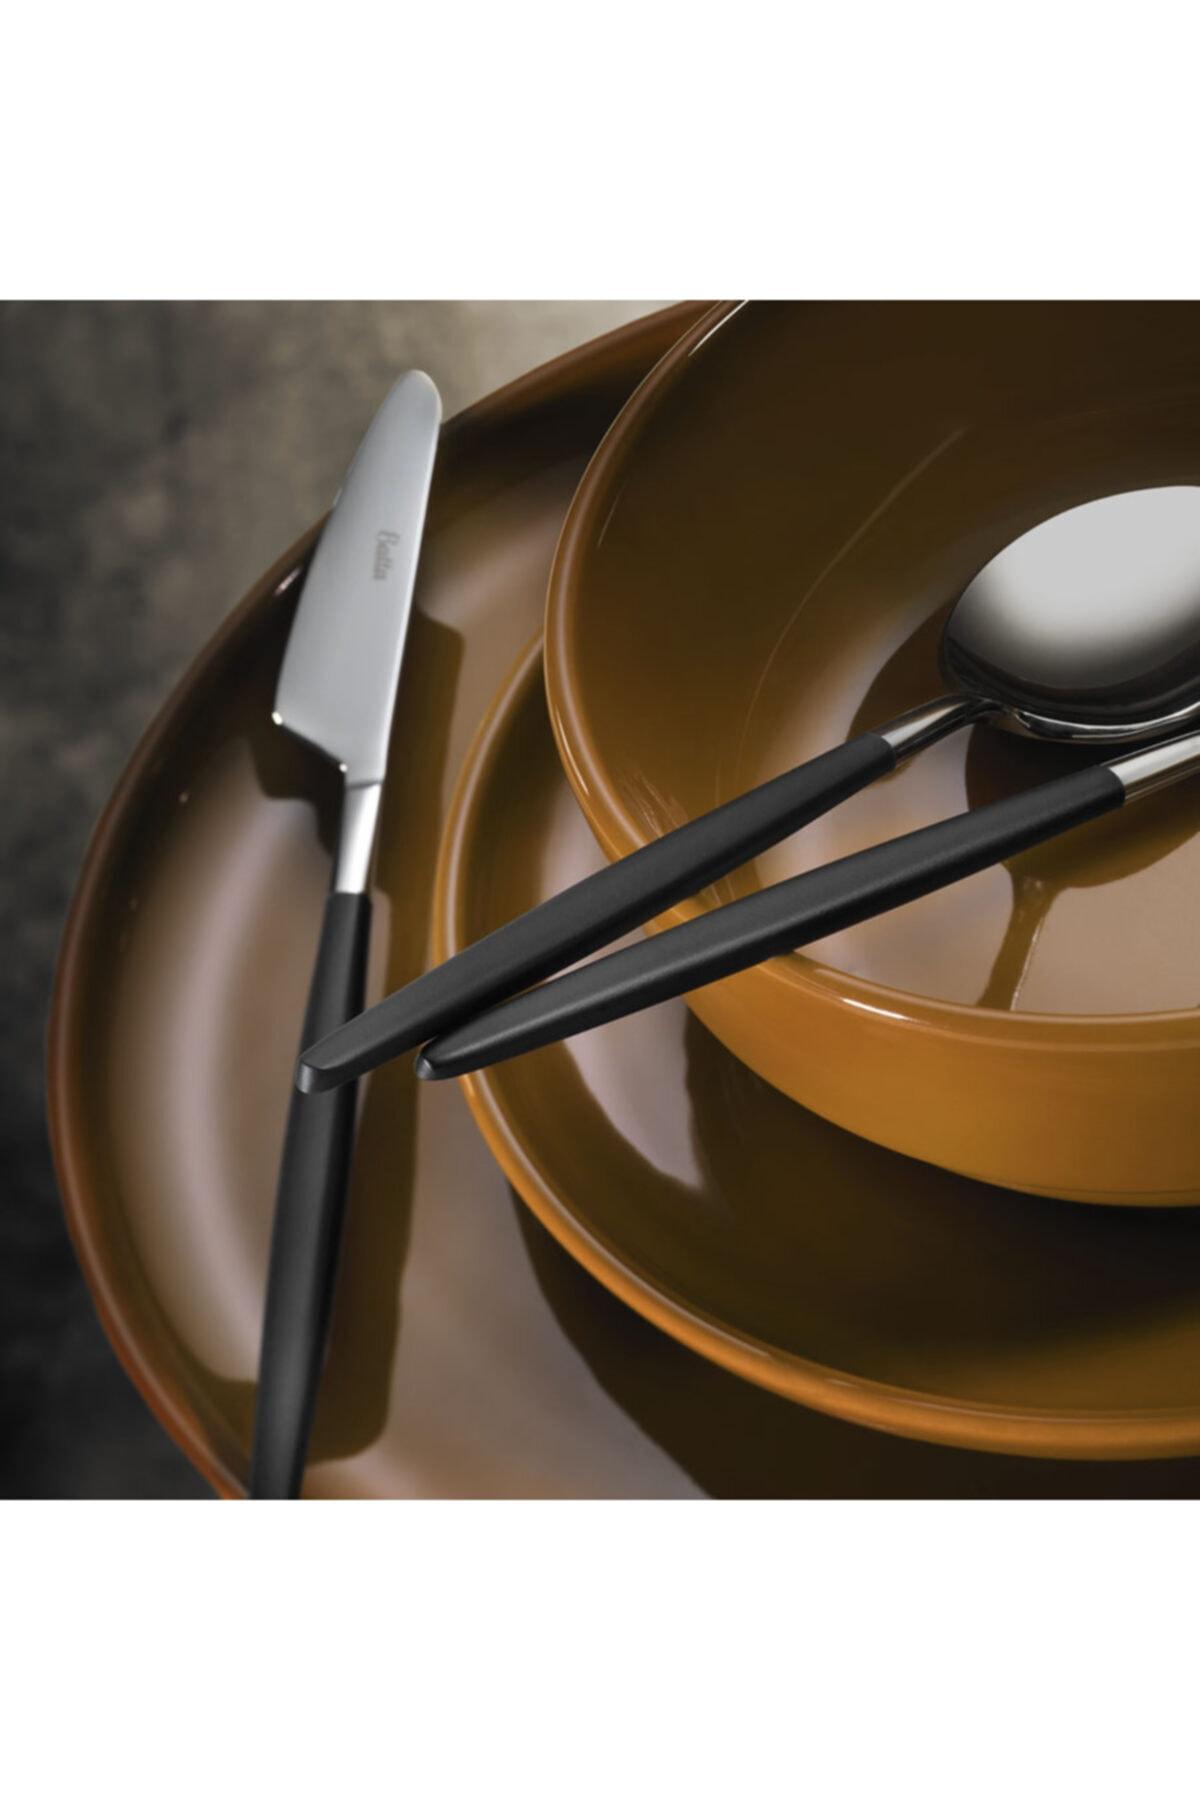 Parlak Siyah Yemek Çatal Kaşık Bıçak Takımı 6 Kişilik 18 Parça  8000 Model